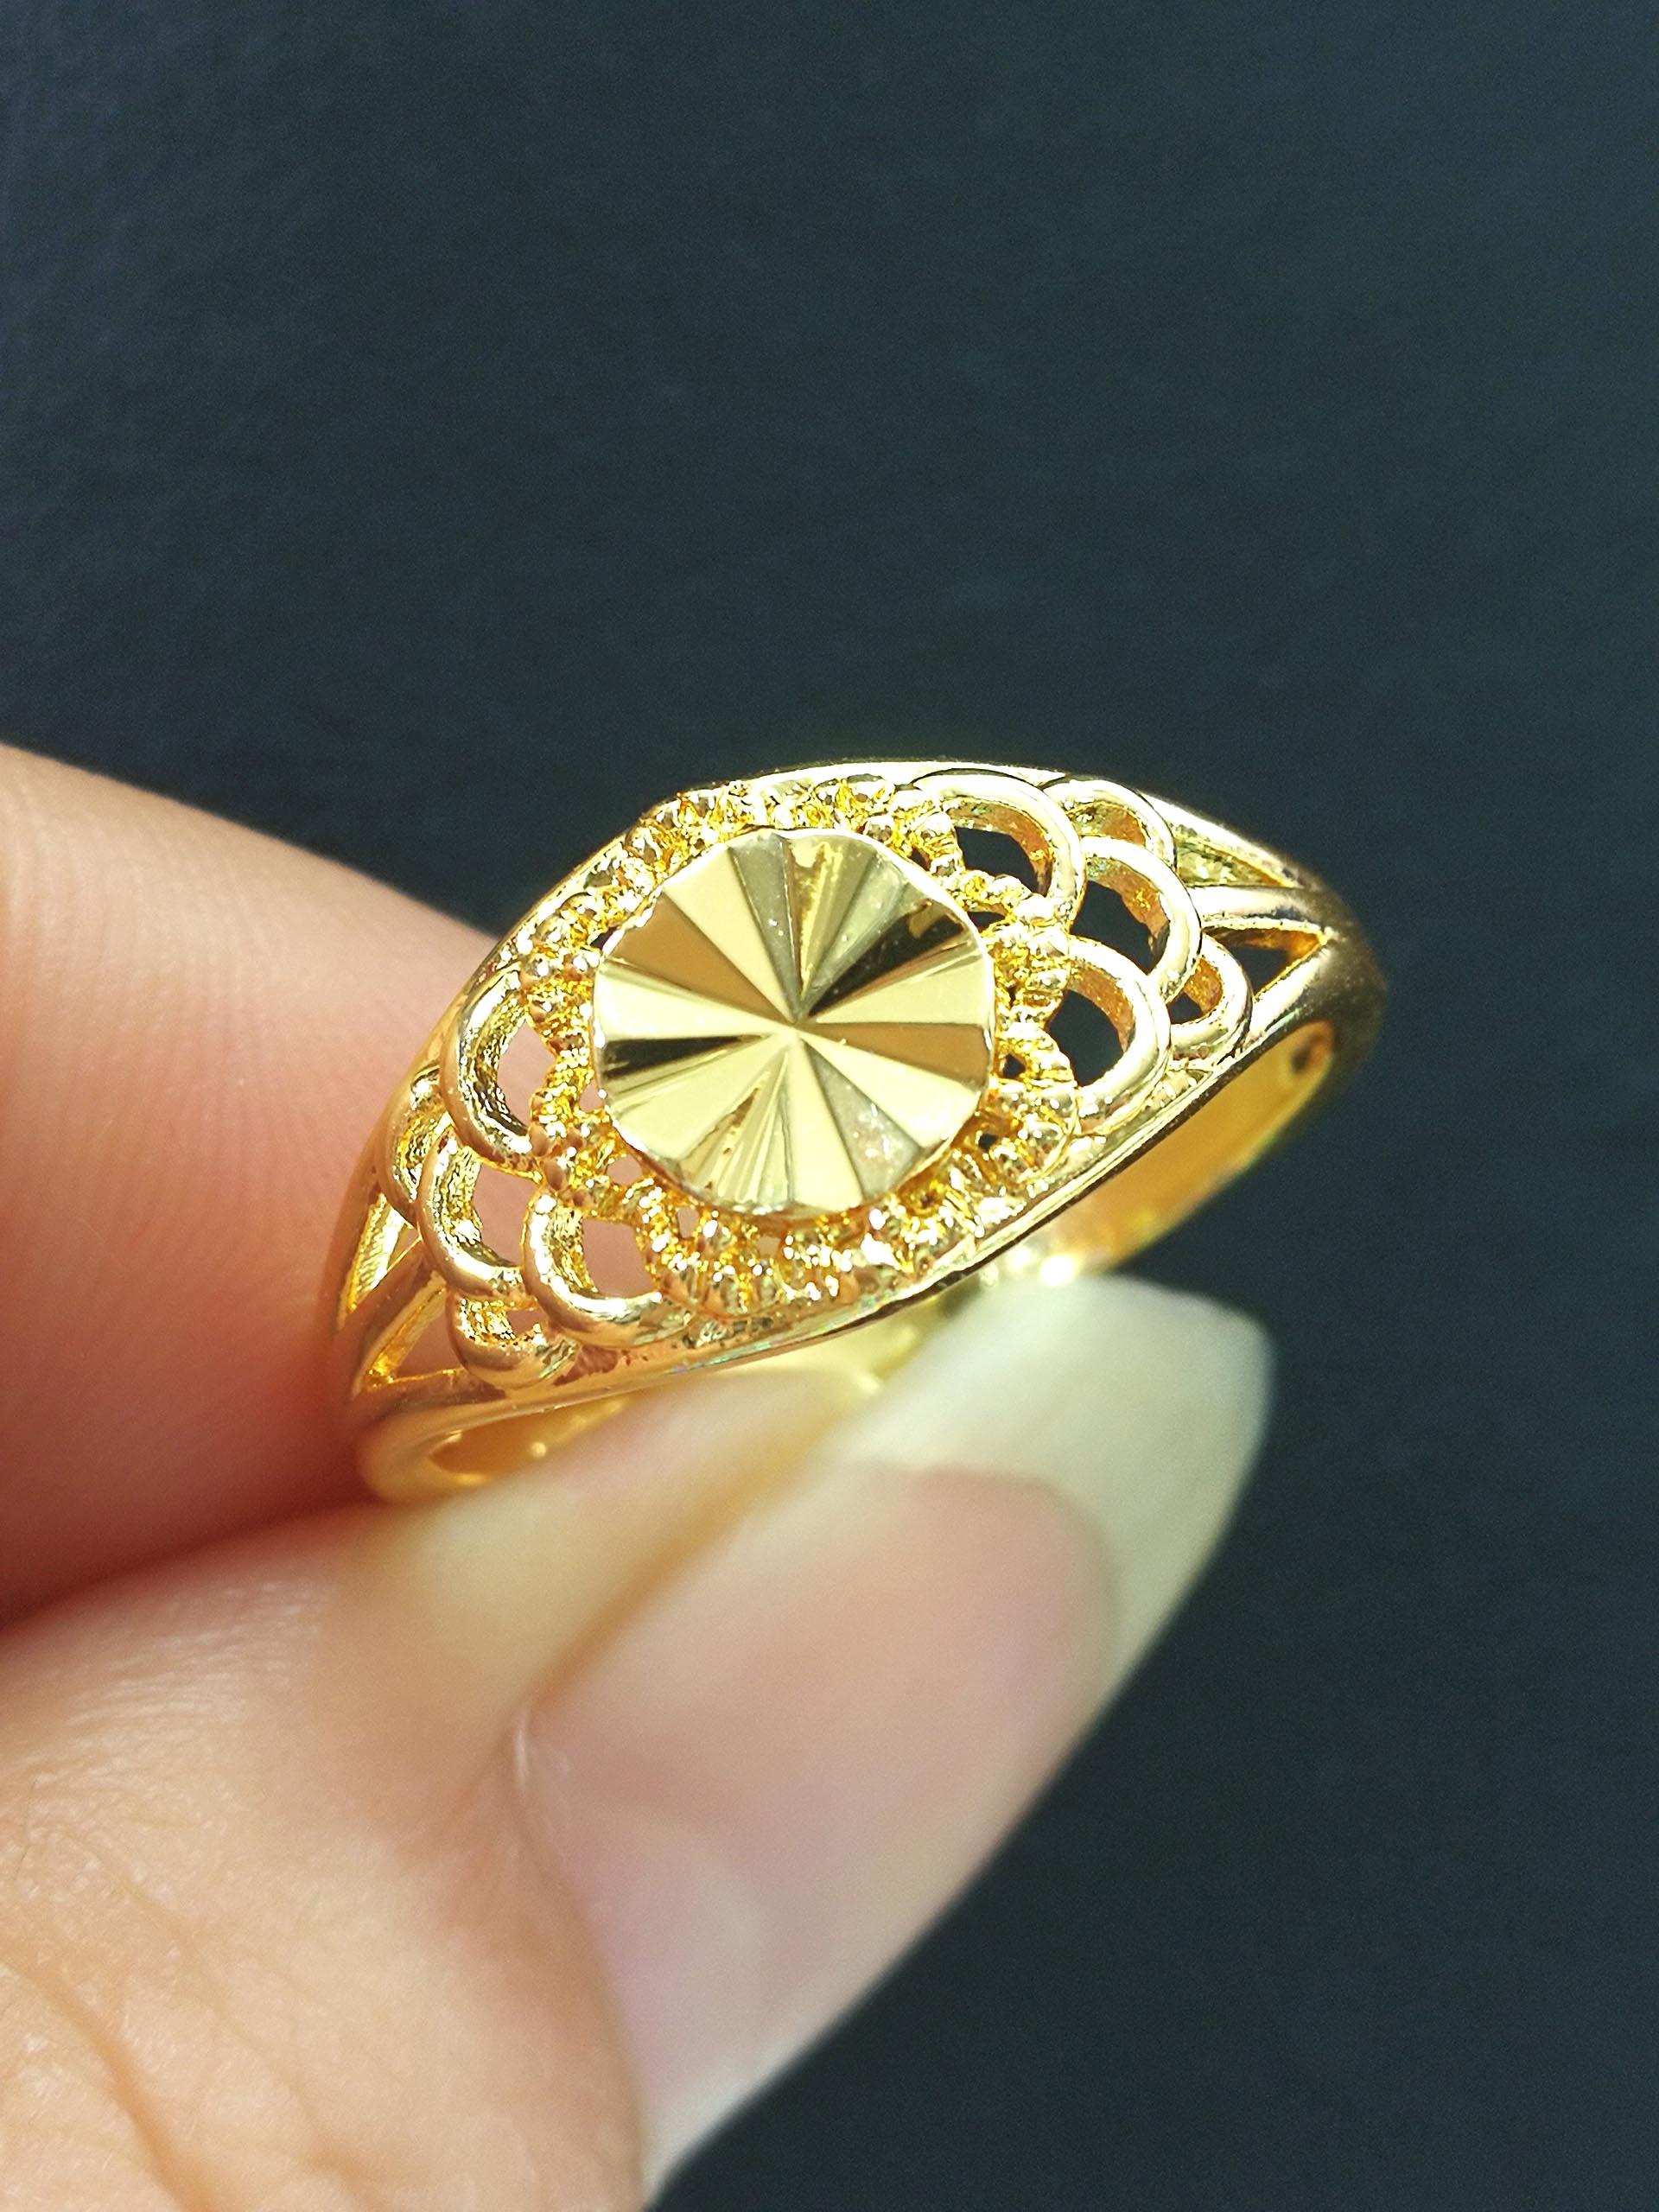 แหวนหุ้ม ทองคำแท้รหัส JR093